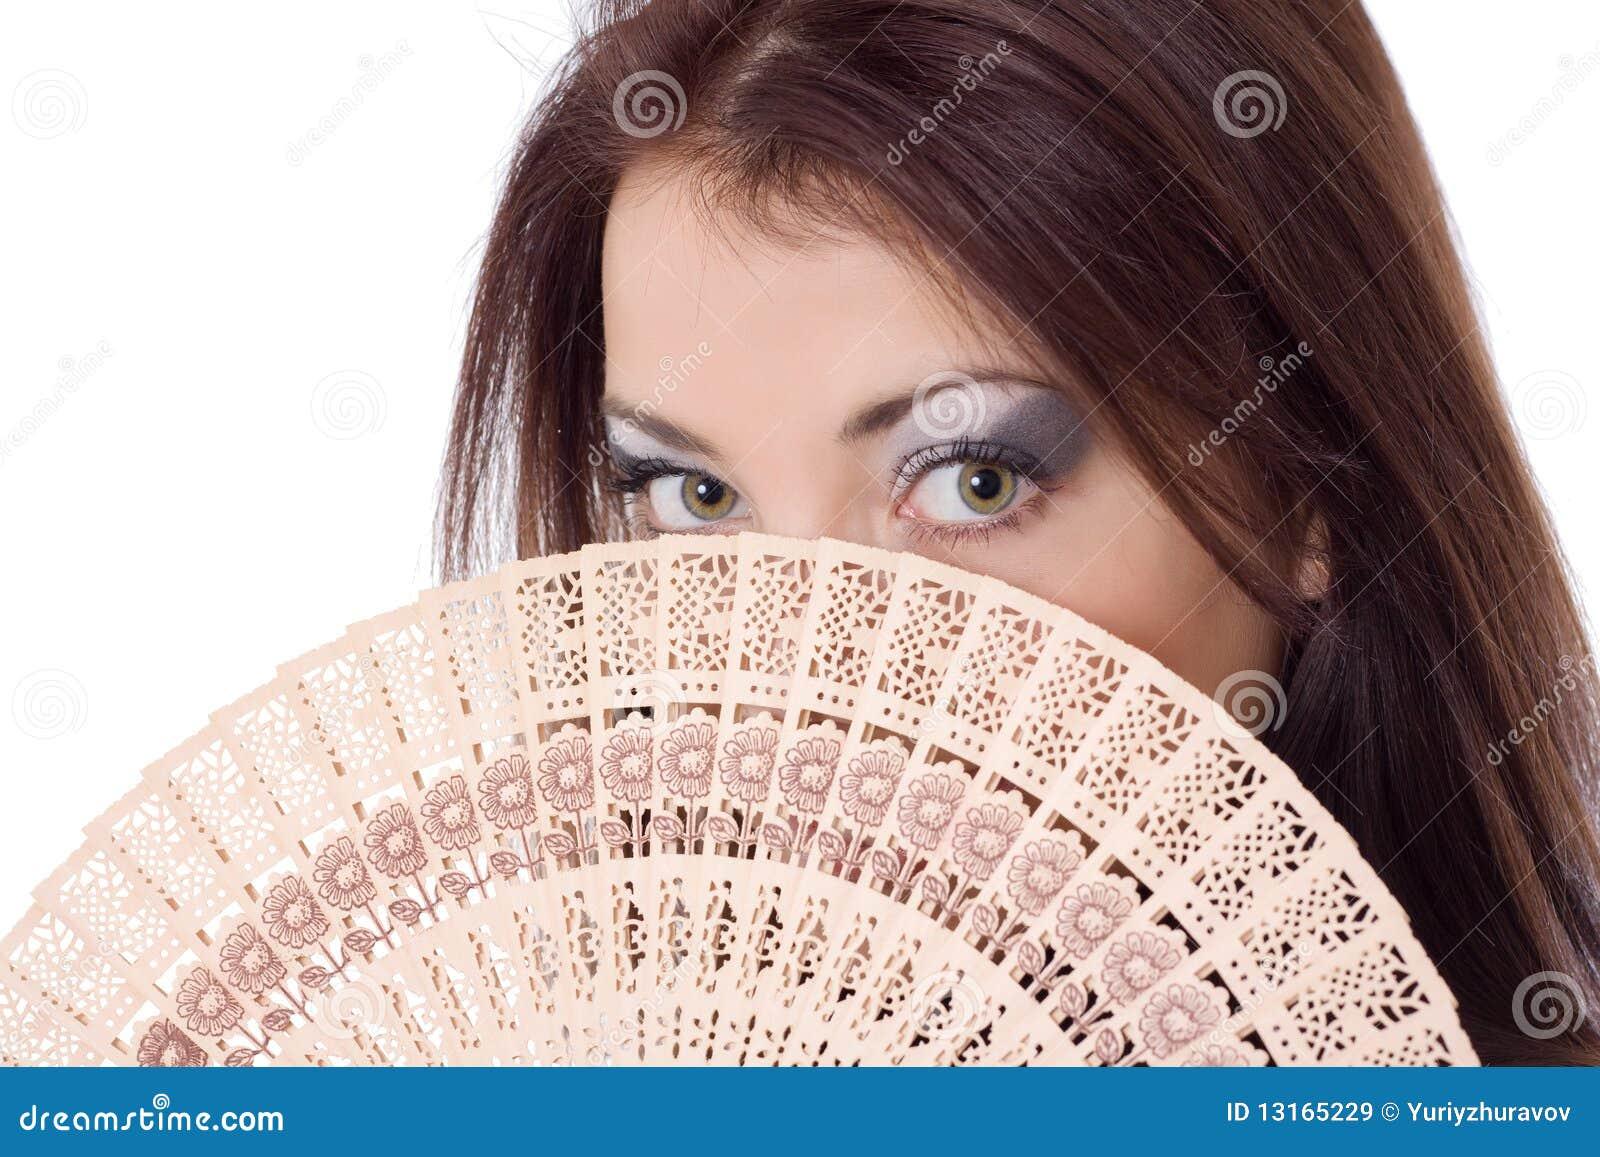 Girl look over fan fanteil